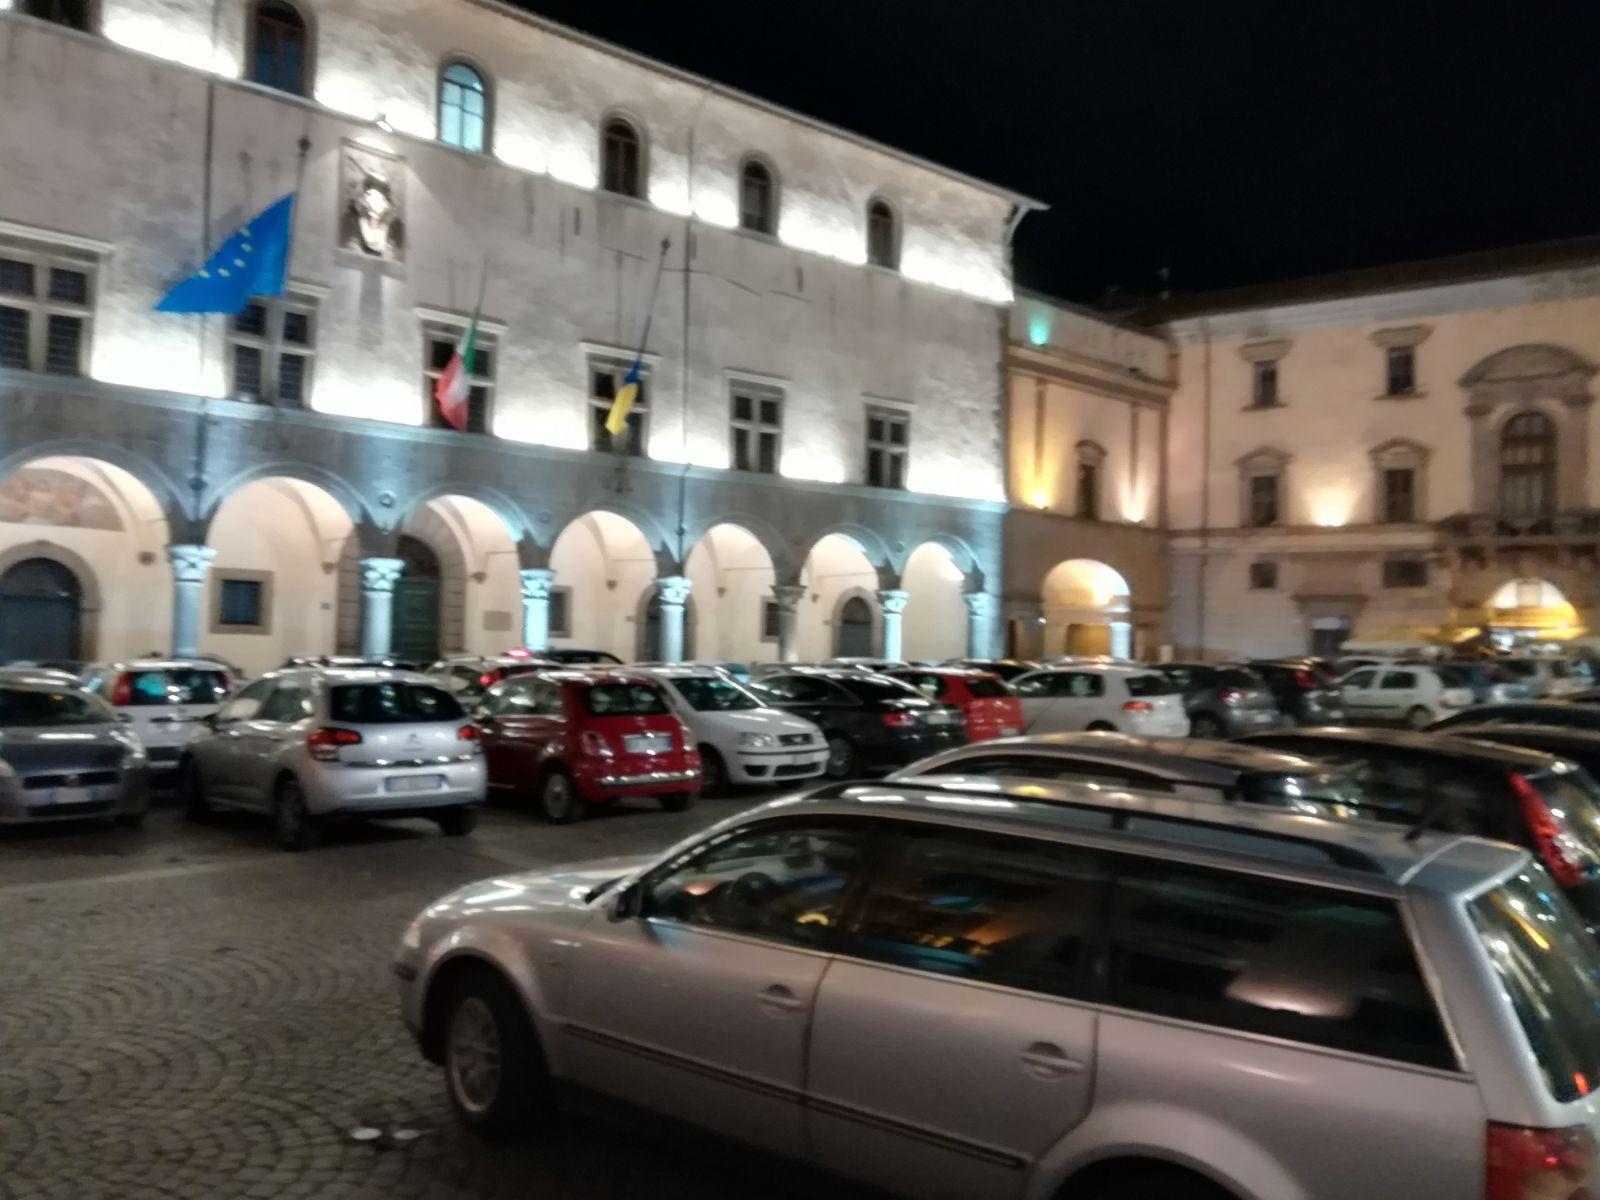 """Fantascientifico a Viterbo: il primo """"autosalone open"""" in Piazza del Plebiscito per voi ogni sabato sera"""